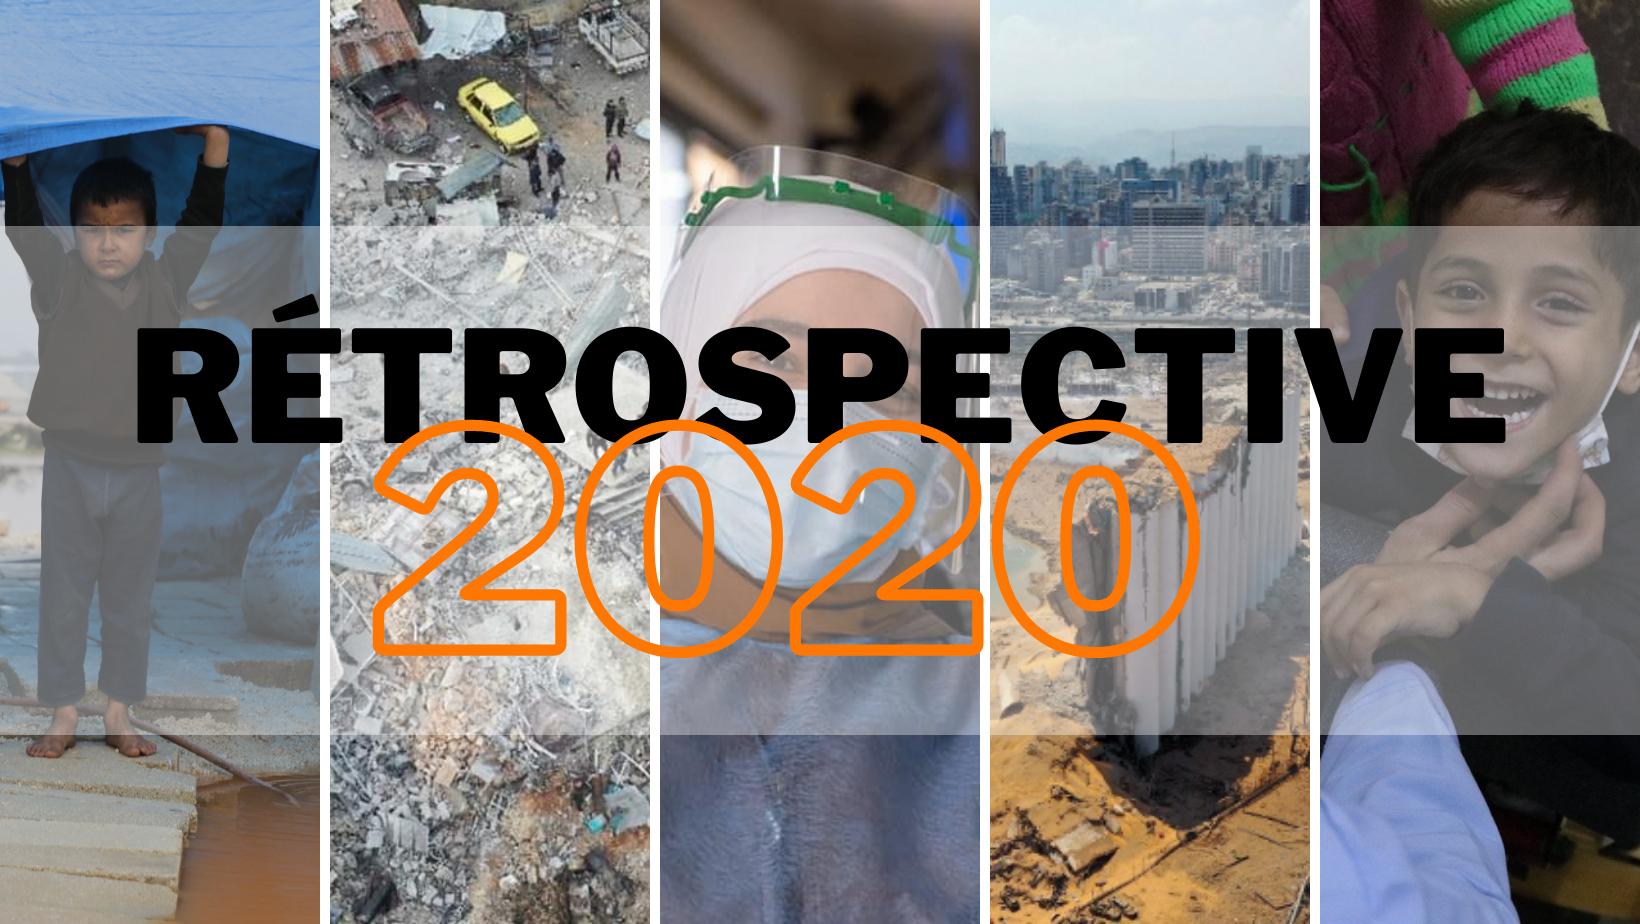 Rétrospective 2020 en images